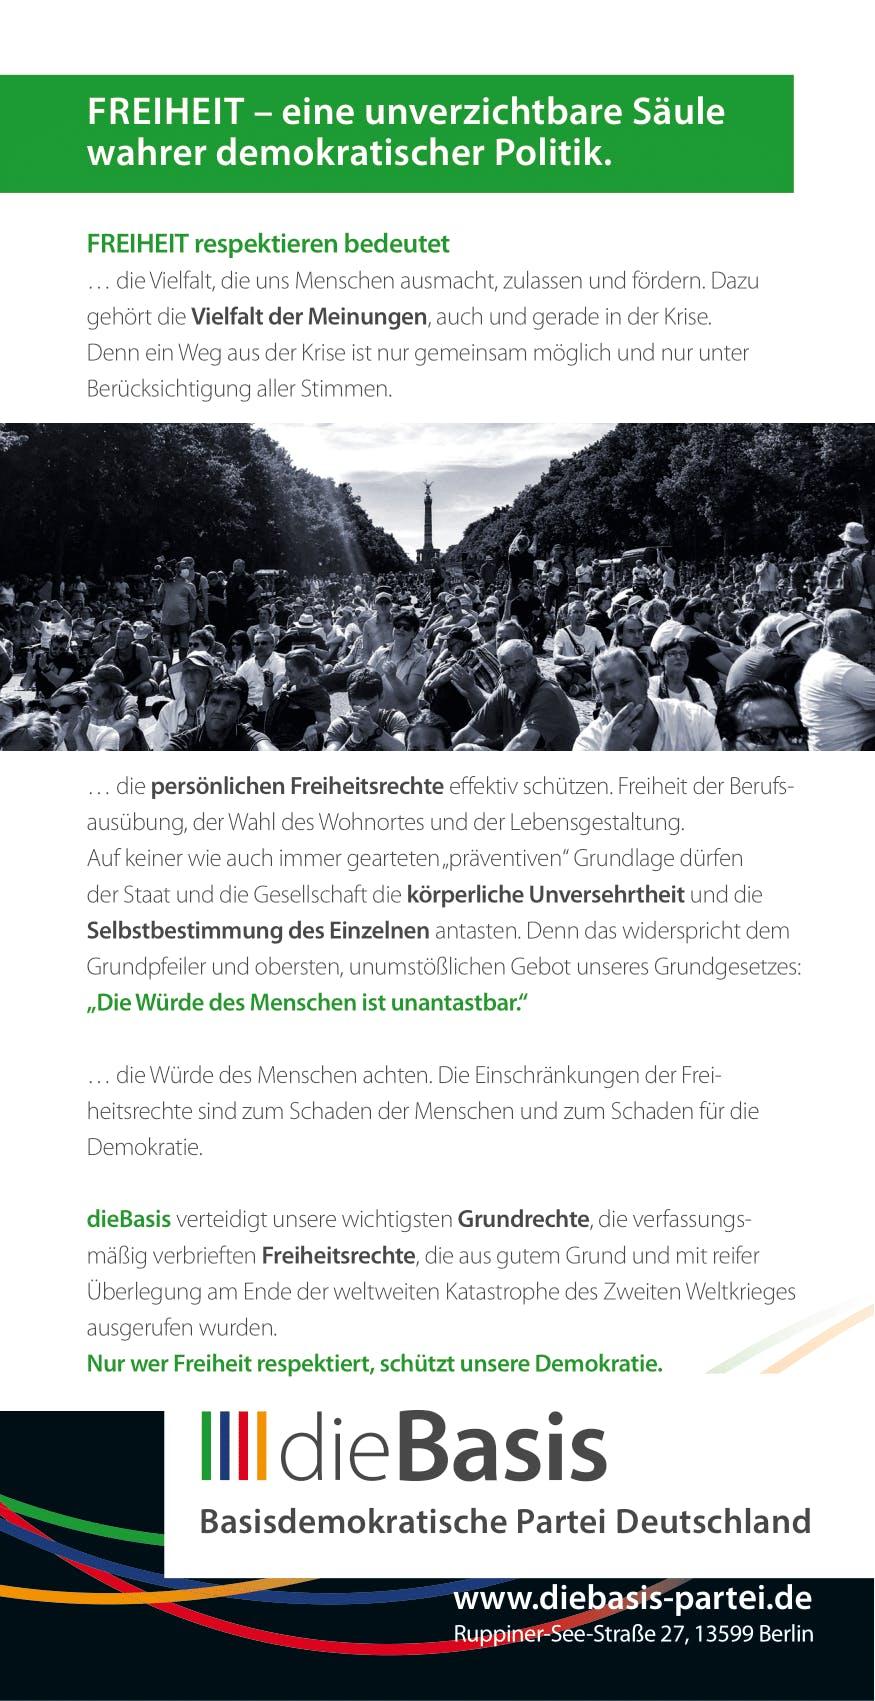 Flyer: Die Basis Themenflyer - Unser aller Freiheit braucht eine neue Basis (DIN lang 10,5 cm x 21,0 cm, beidseitig bedruckt)